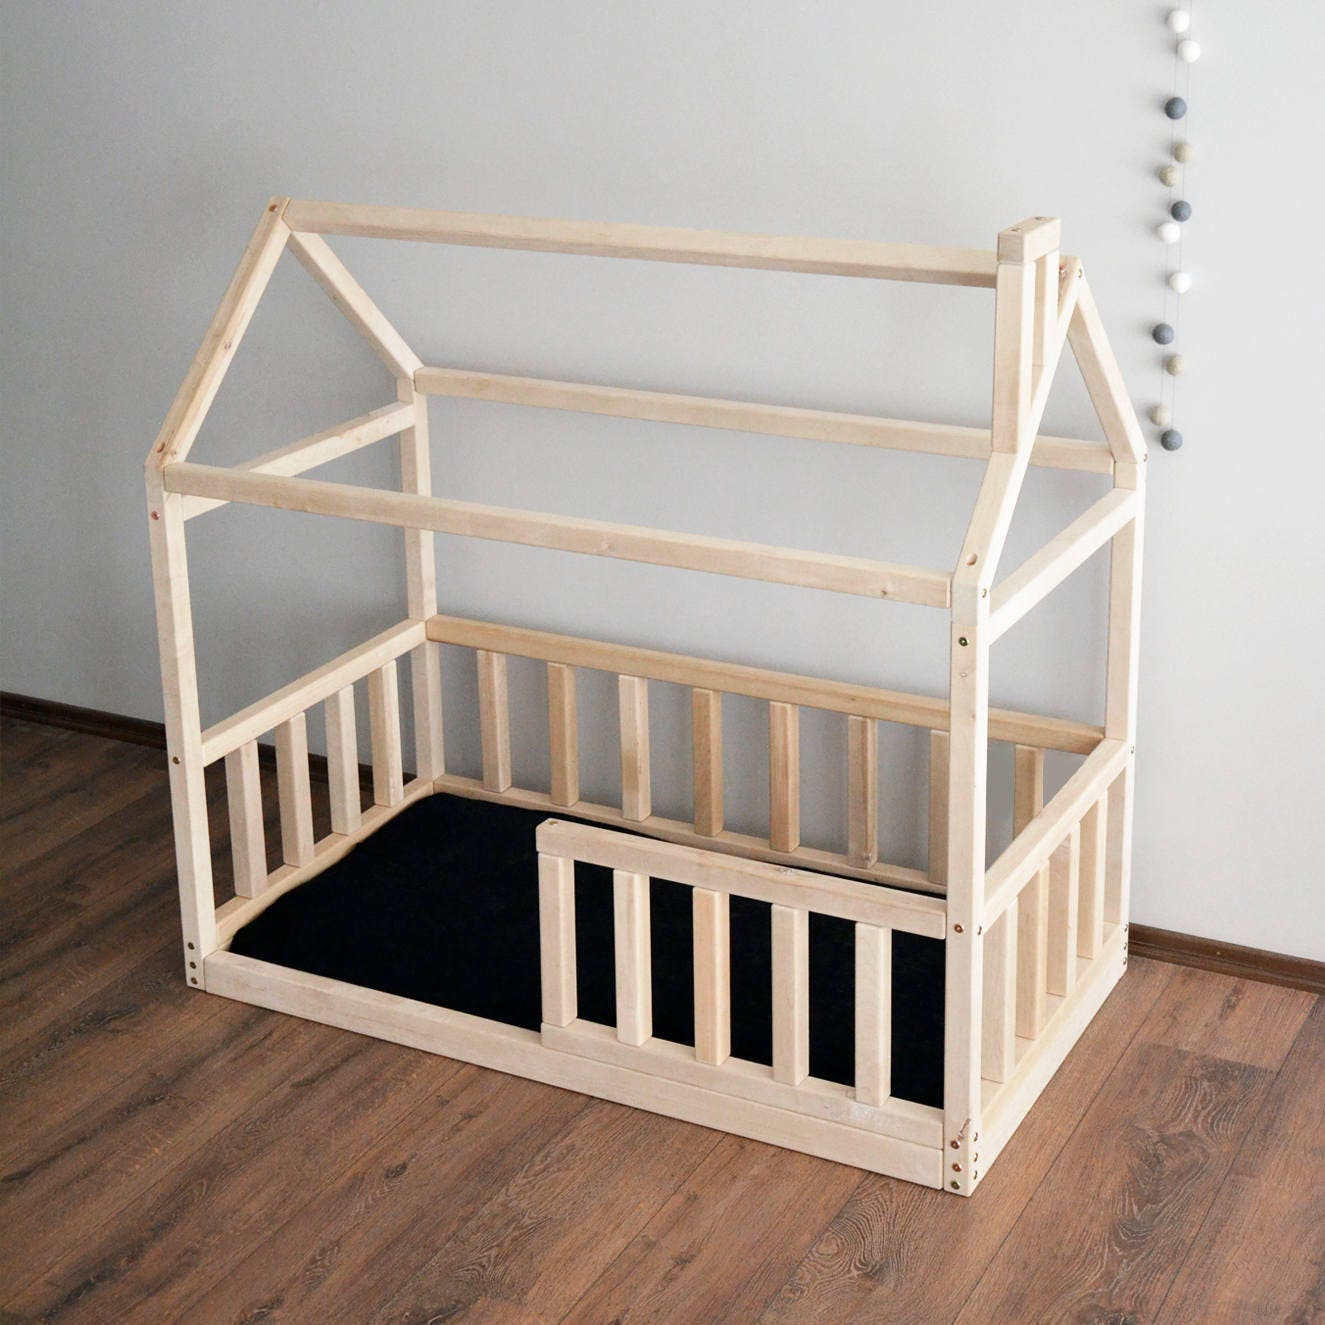 Haus Bettrahmen Kleinkind-Bett Montessori Babybett